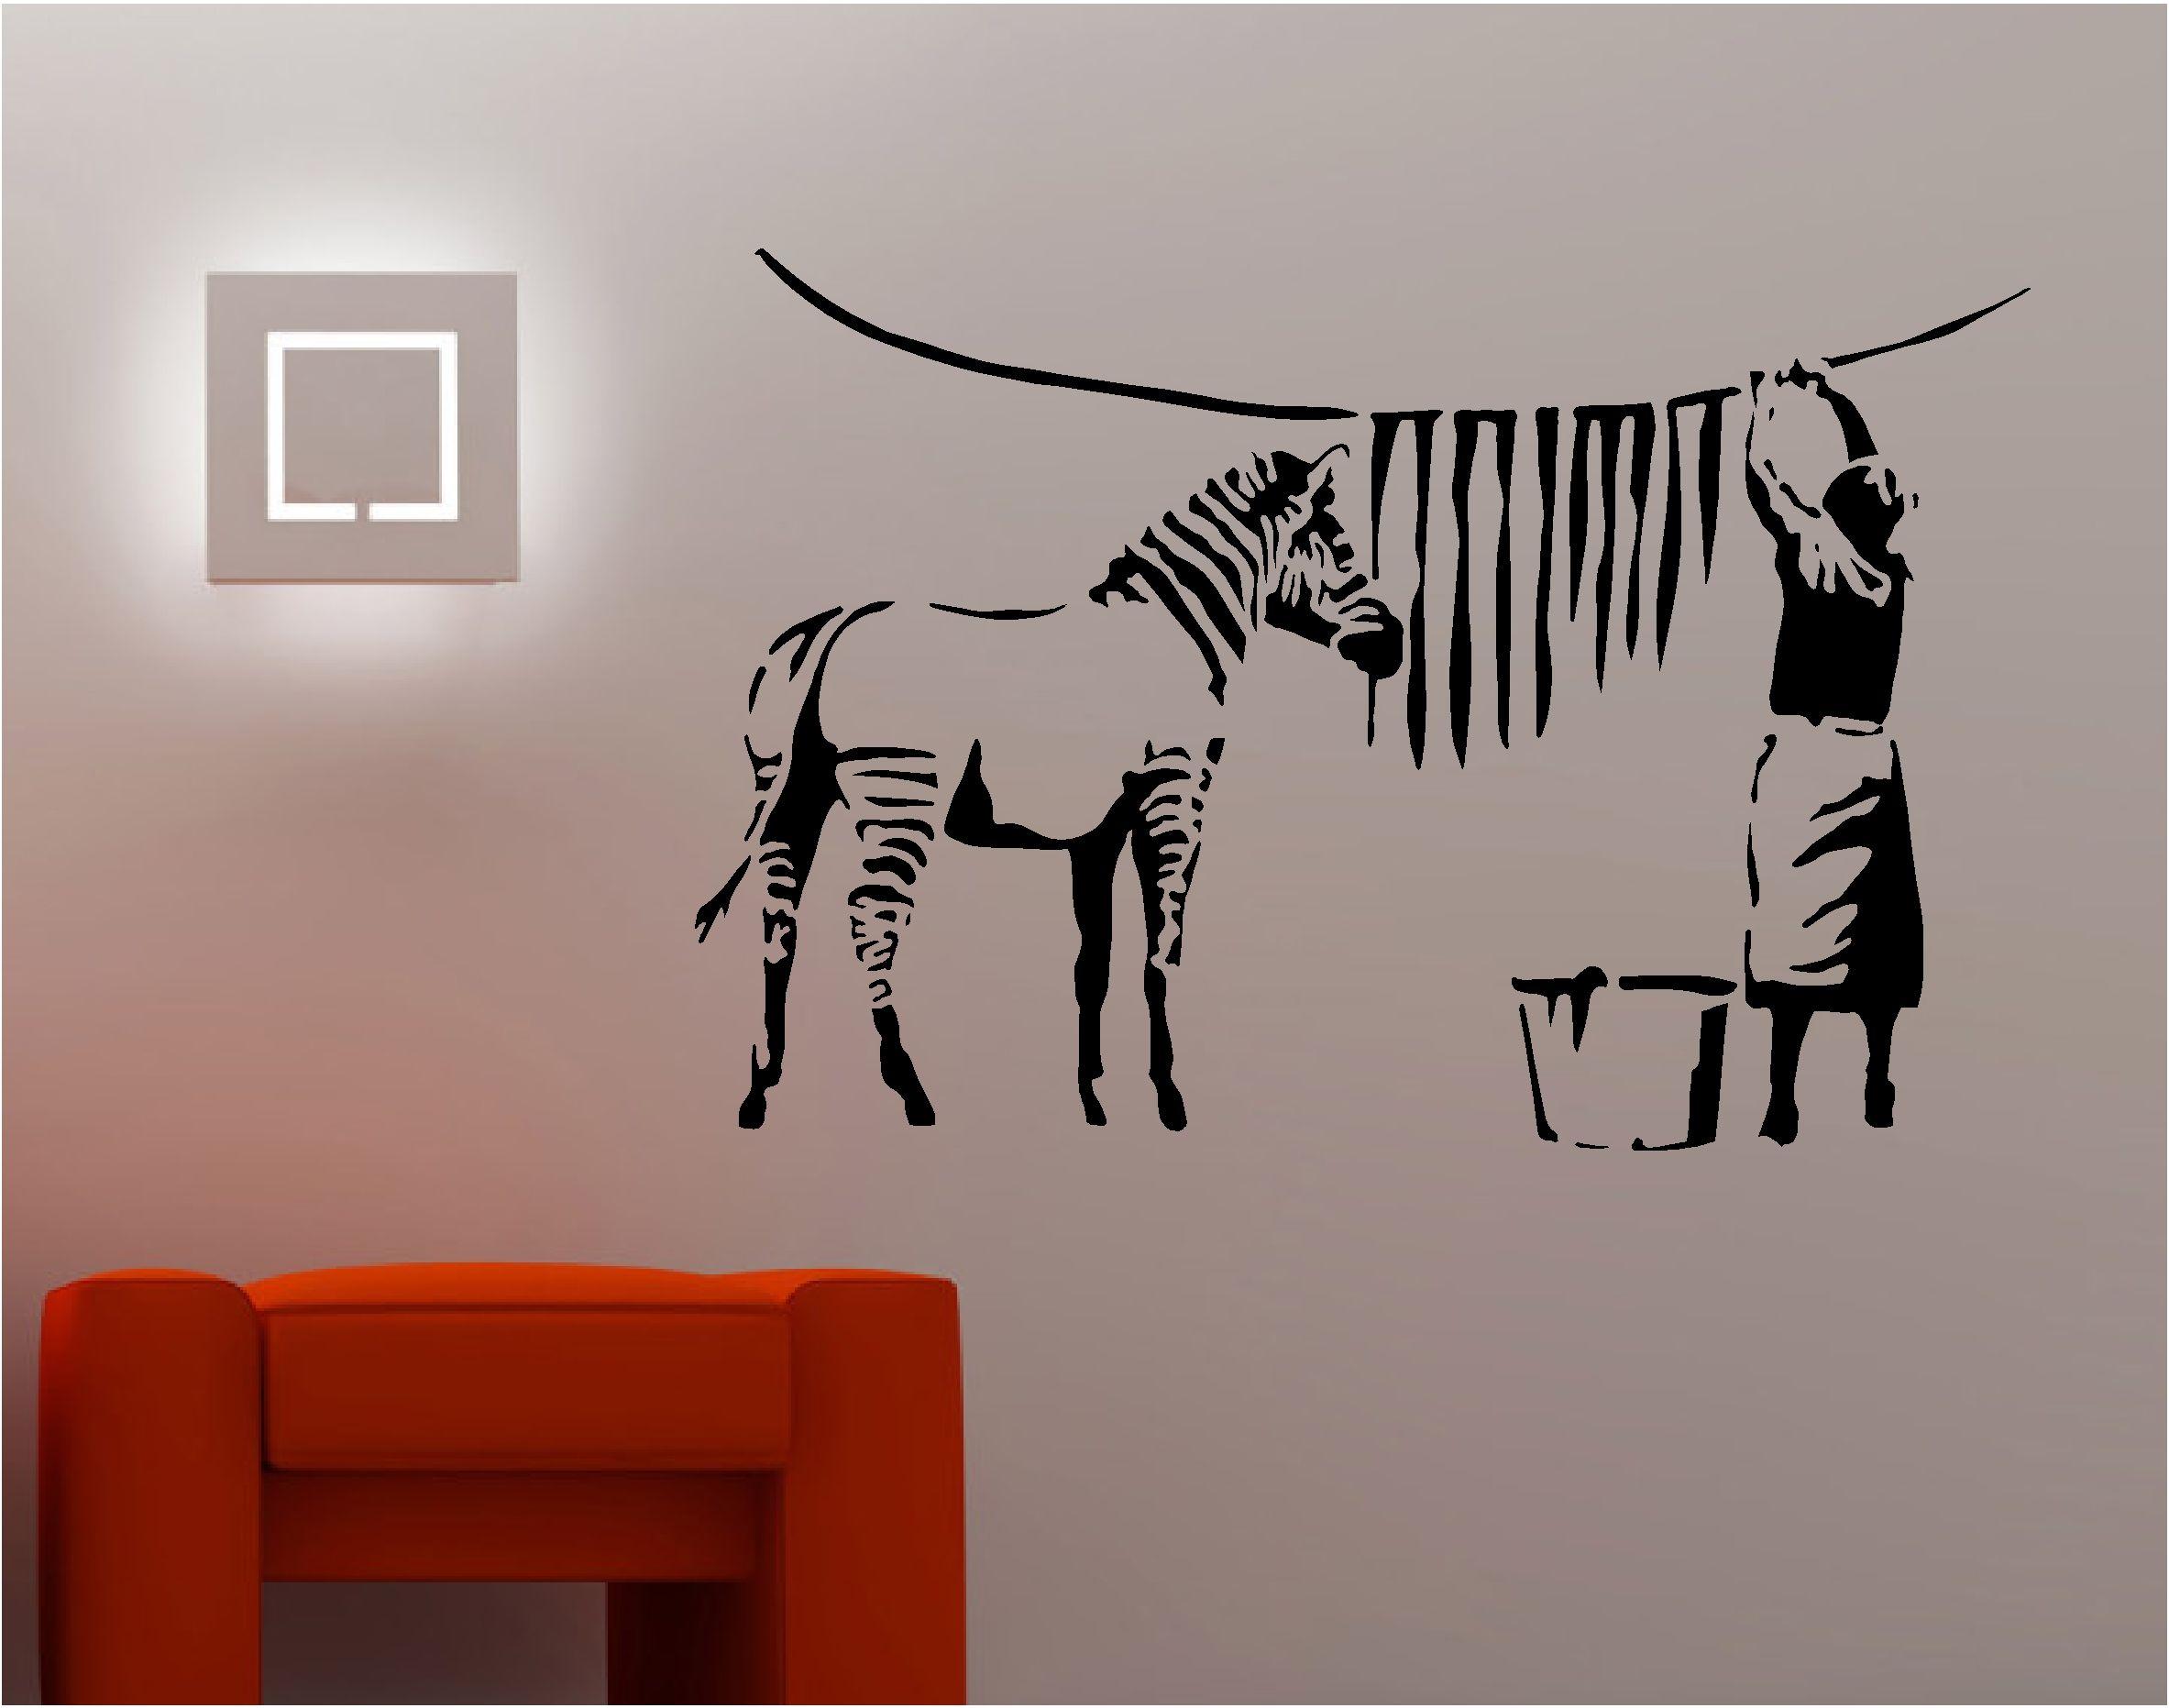 BANKSY STYLE ZEBRA WASHING Wall Art Sticker Vinyl Quote GRAFFITI LOUNGE  KITCHEN